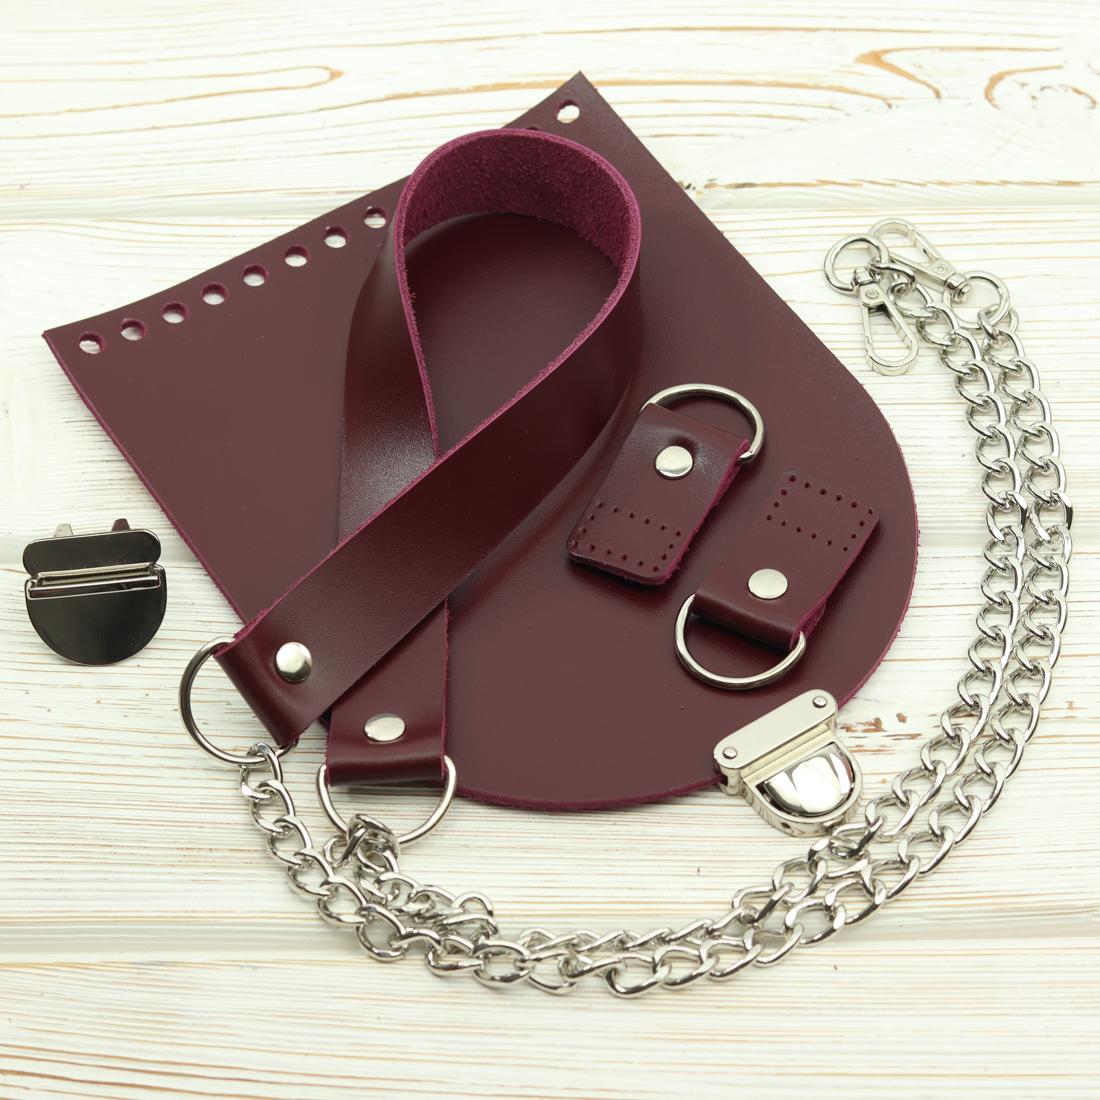 """Каталог Комплект для сумочки """"Вино"""" №1 с замочком IMG_6163.jpg"""